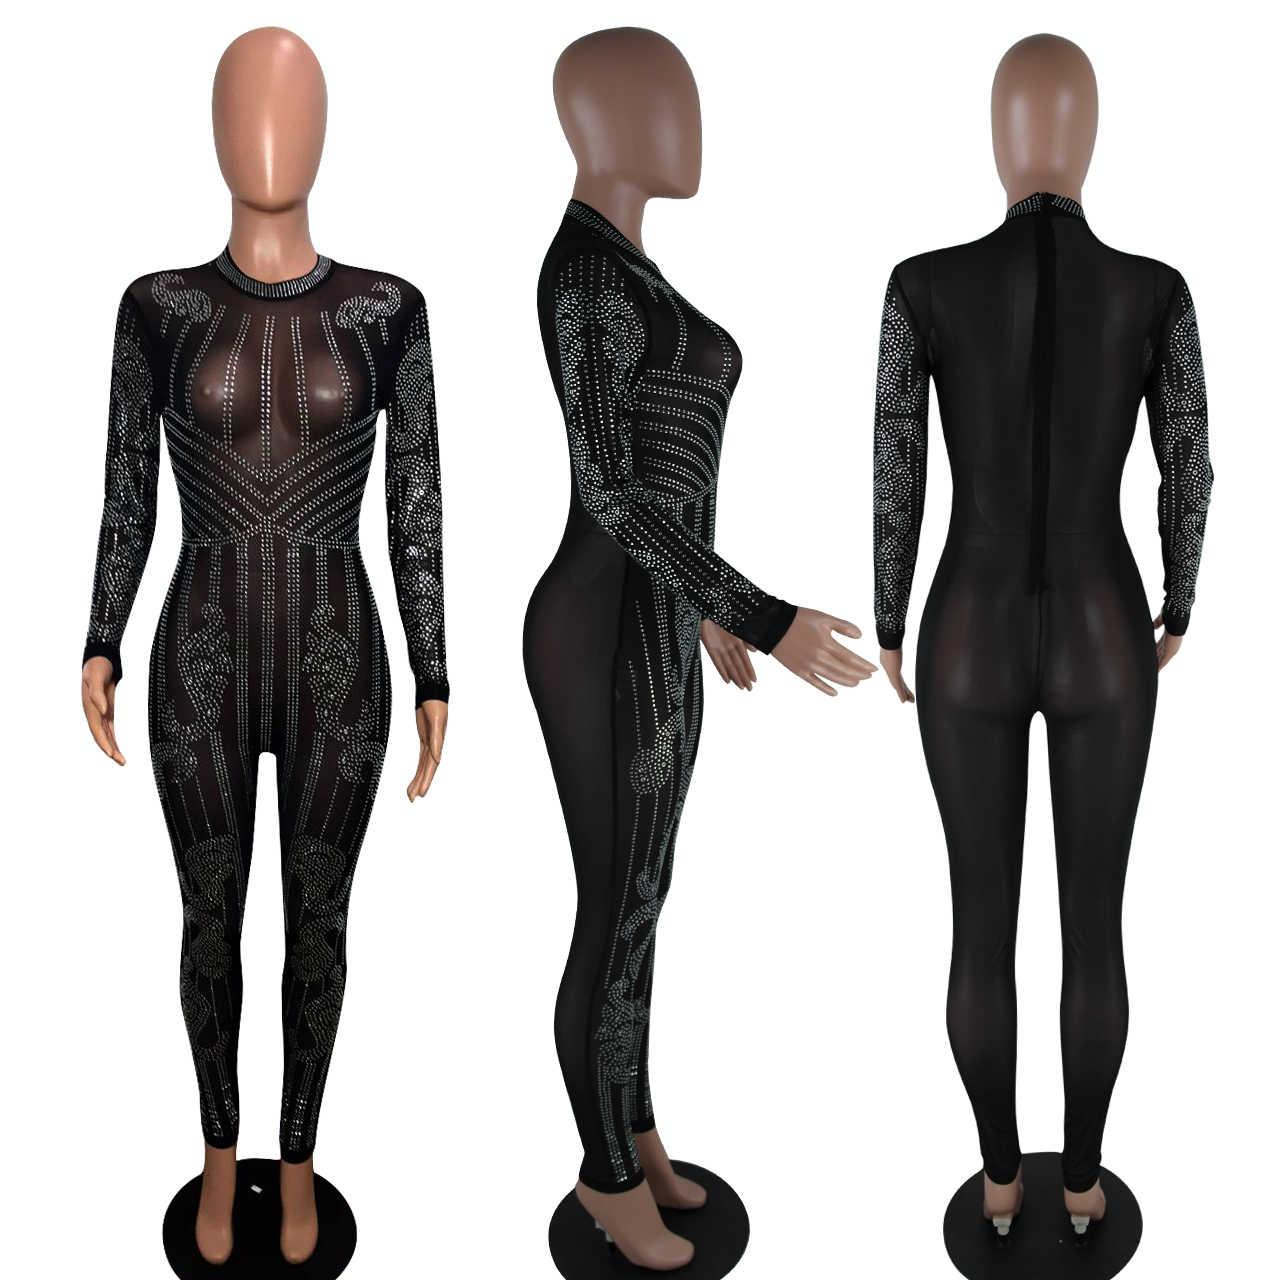 EDressU/2019 сексуальные популярные Комбинезоны черные прозрачные комбинезоны женские костюмы с блестками Клубная одежда для вечеринок ME-Q034